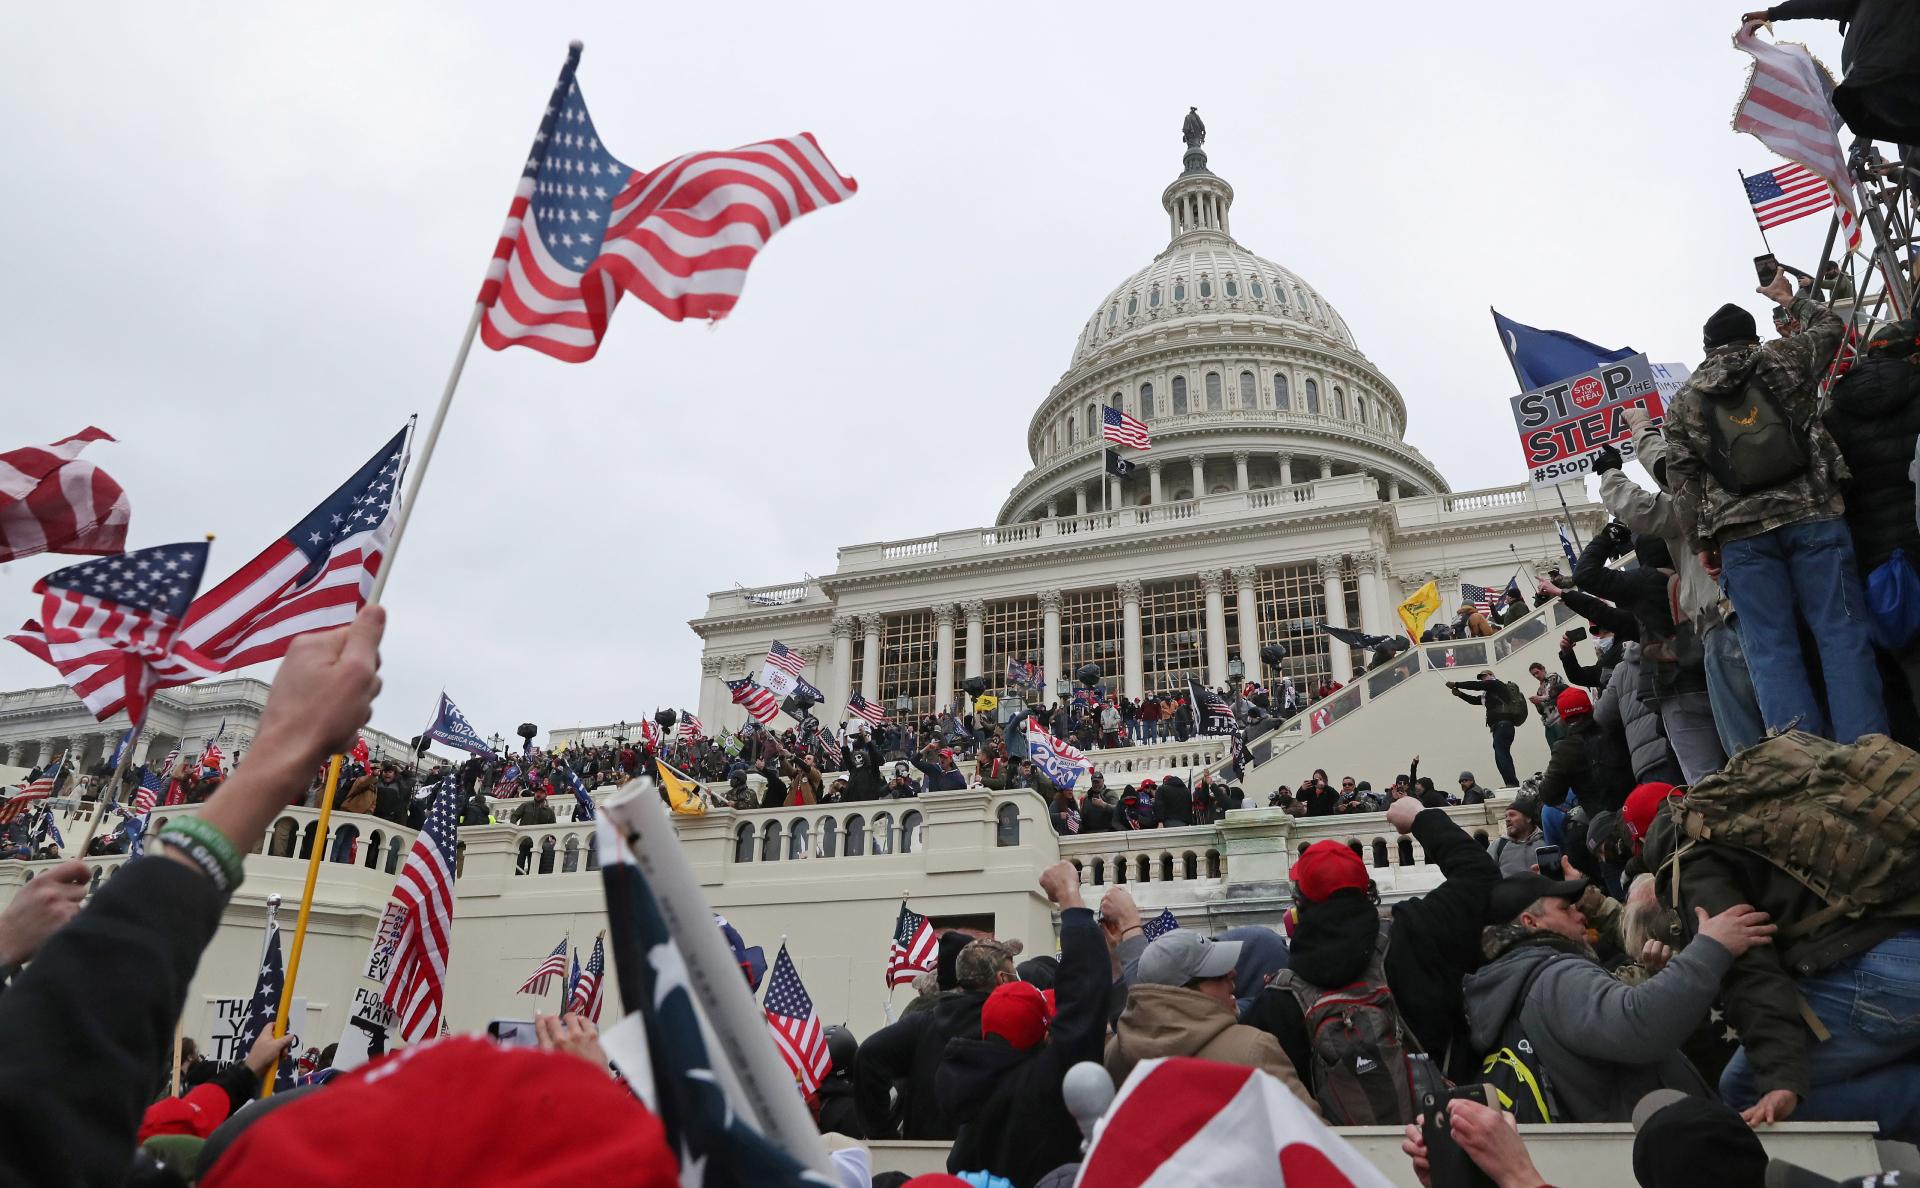 Трамп объявил режим ЧС в Вашингтоне перед инаугурацией Байдена